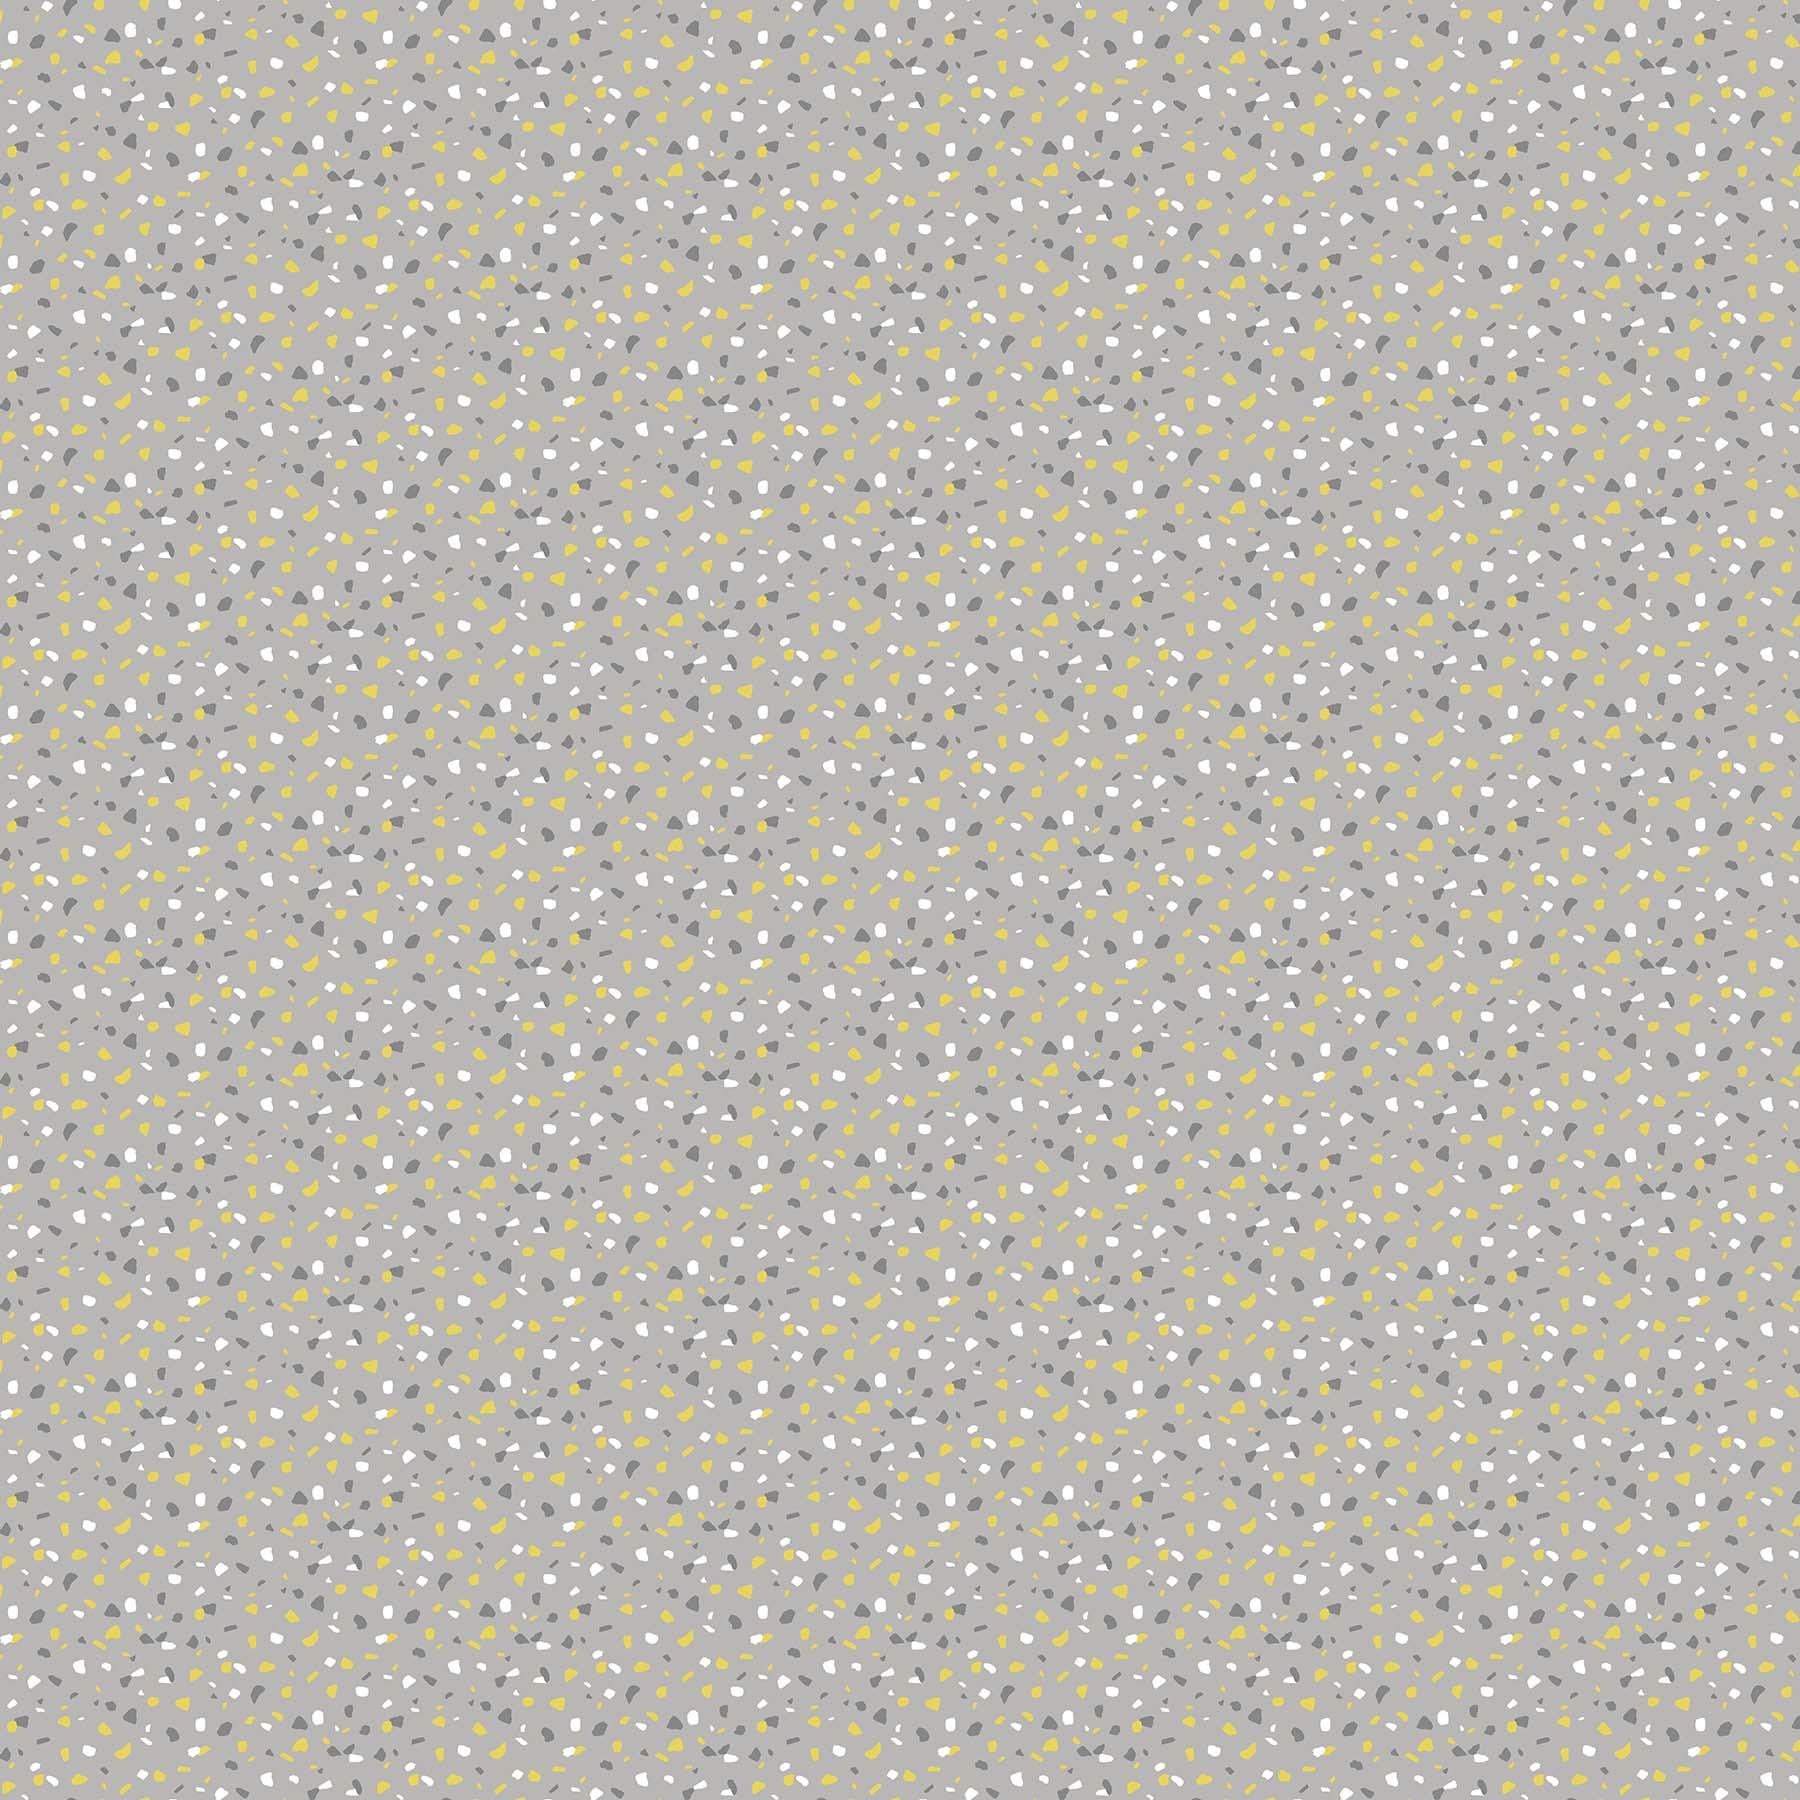 90025-92.jpg